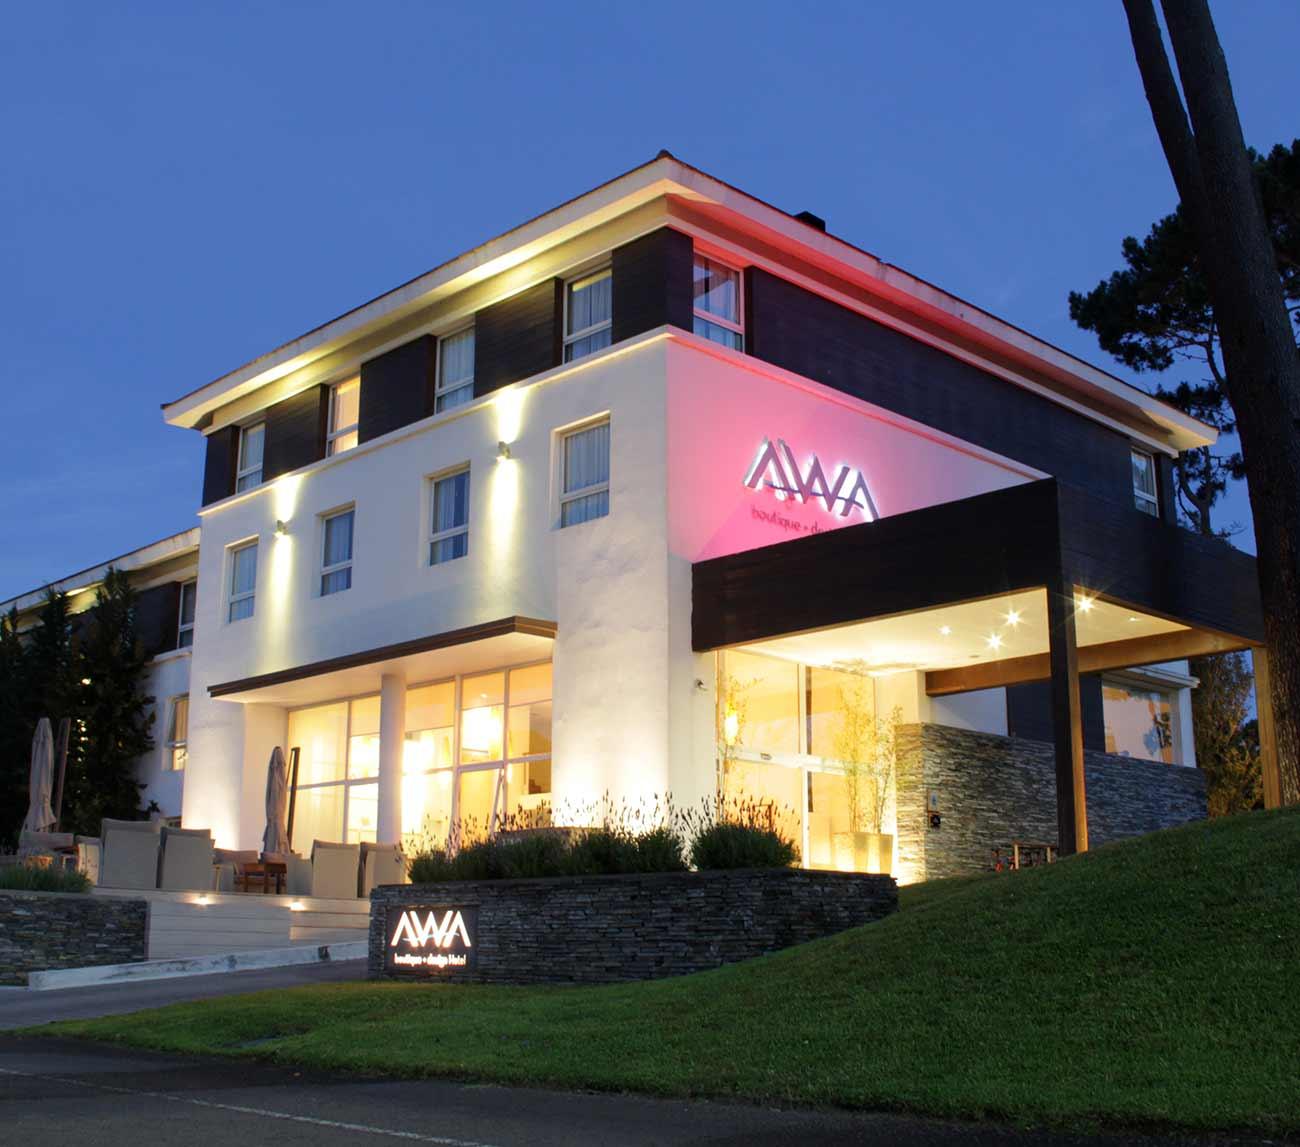 Vale de US$ 100 para descontar de estadía en Hotel Awa. Recibirás por mail un código que deberás enviar al momento de hacer la reserva, previa consulta de disponibilidad a reservas@awahotel.com  tel  4249 9999.